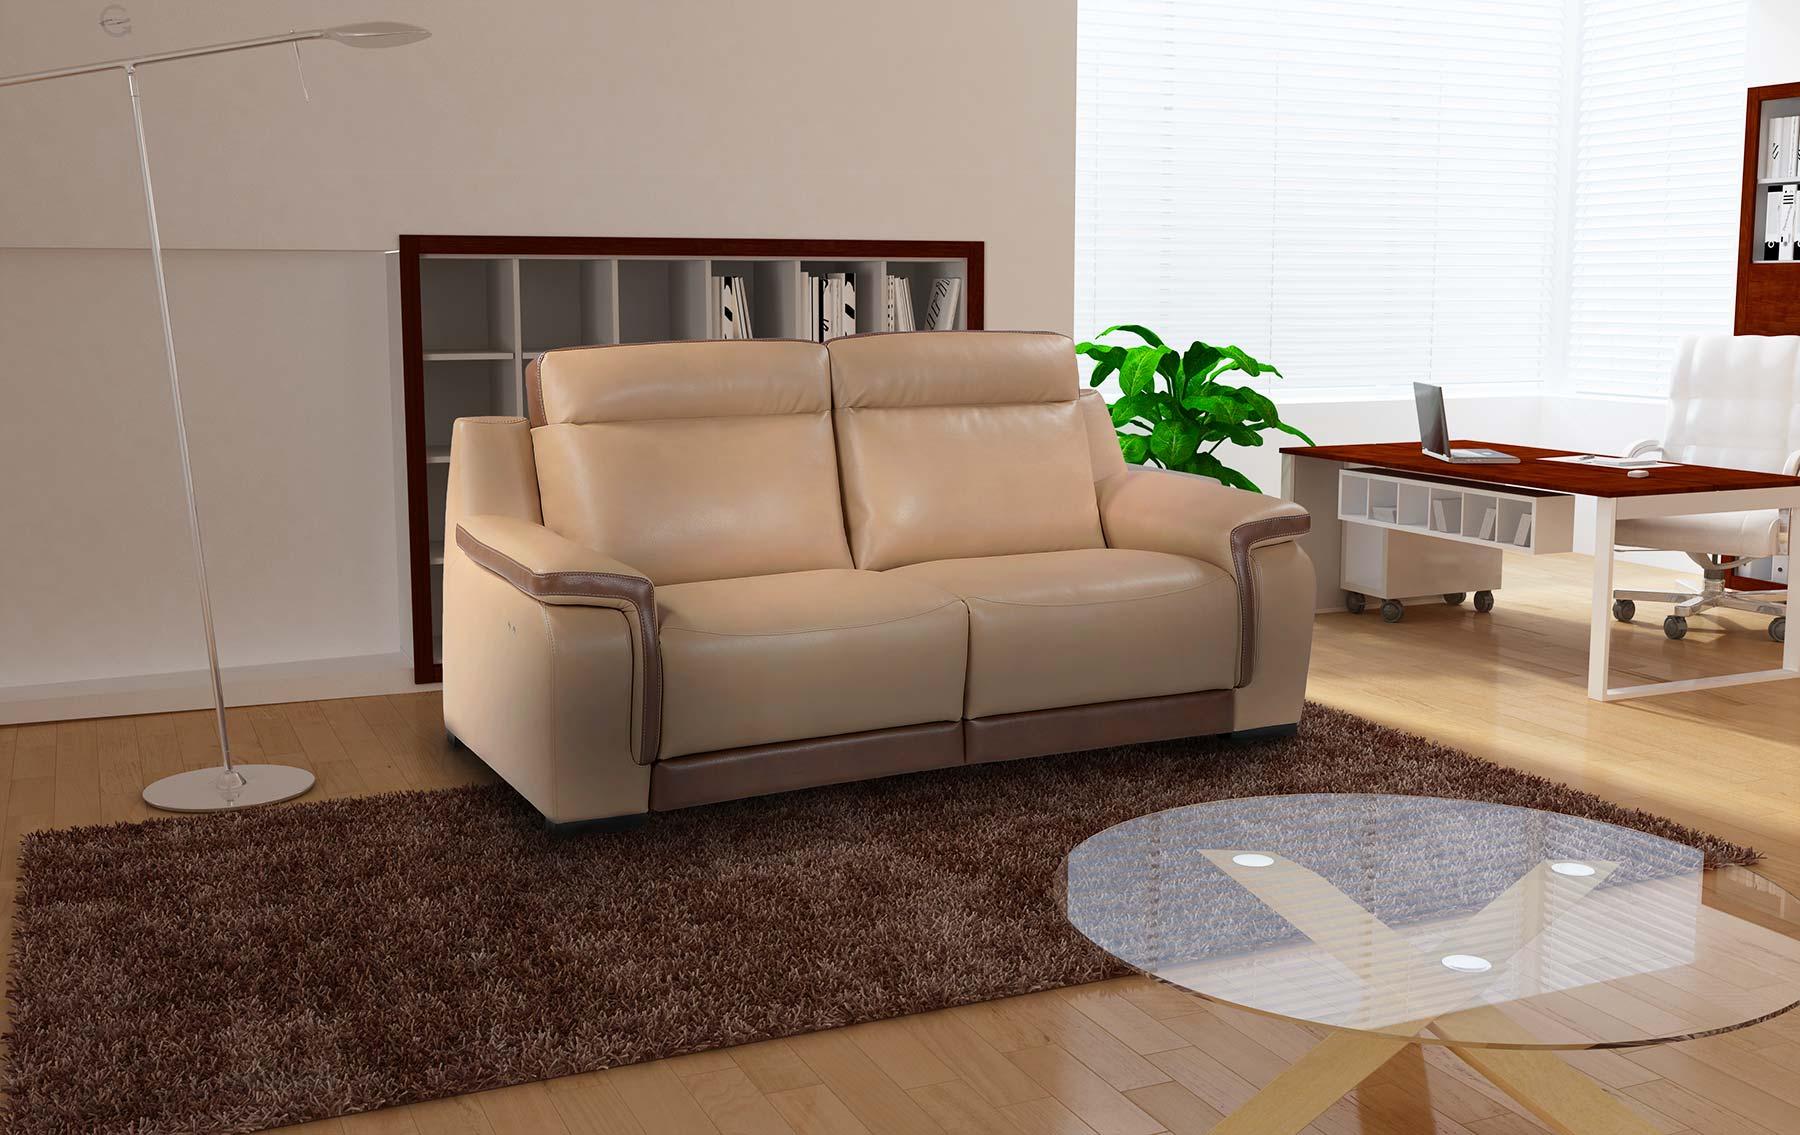 Smurra arredamenti cuborosso divani for Distribuzione italiana arredamenti